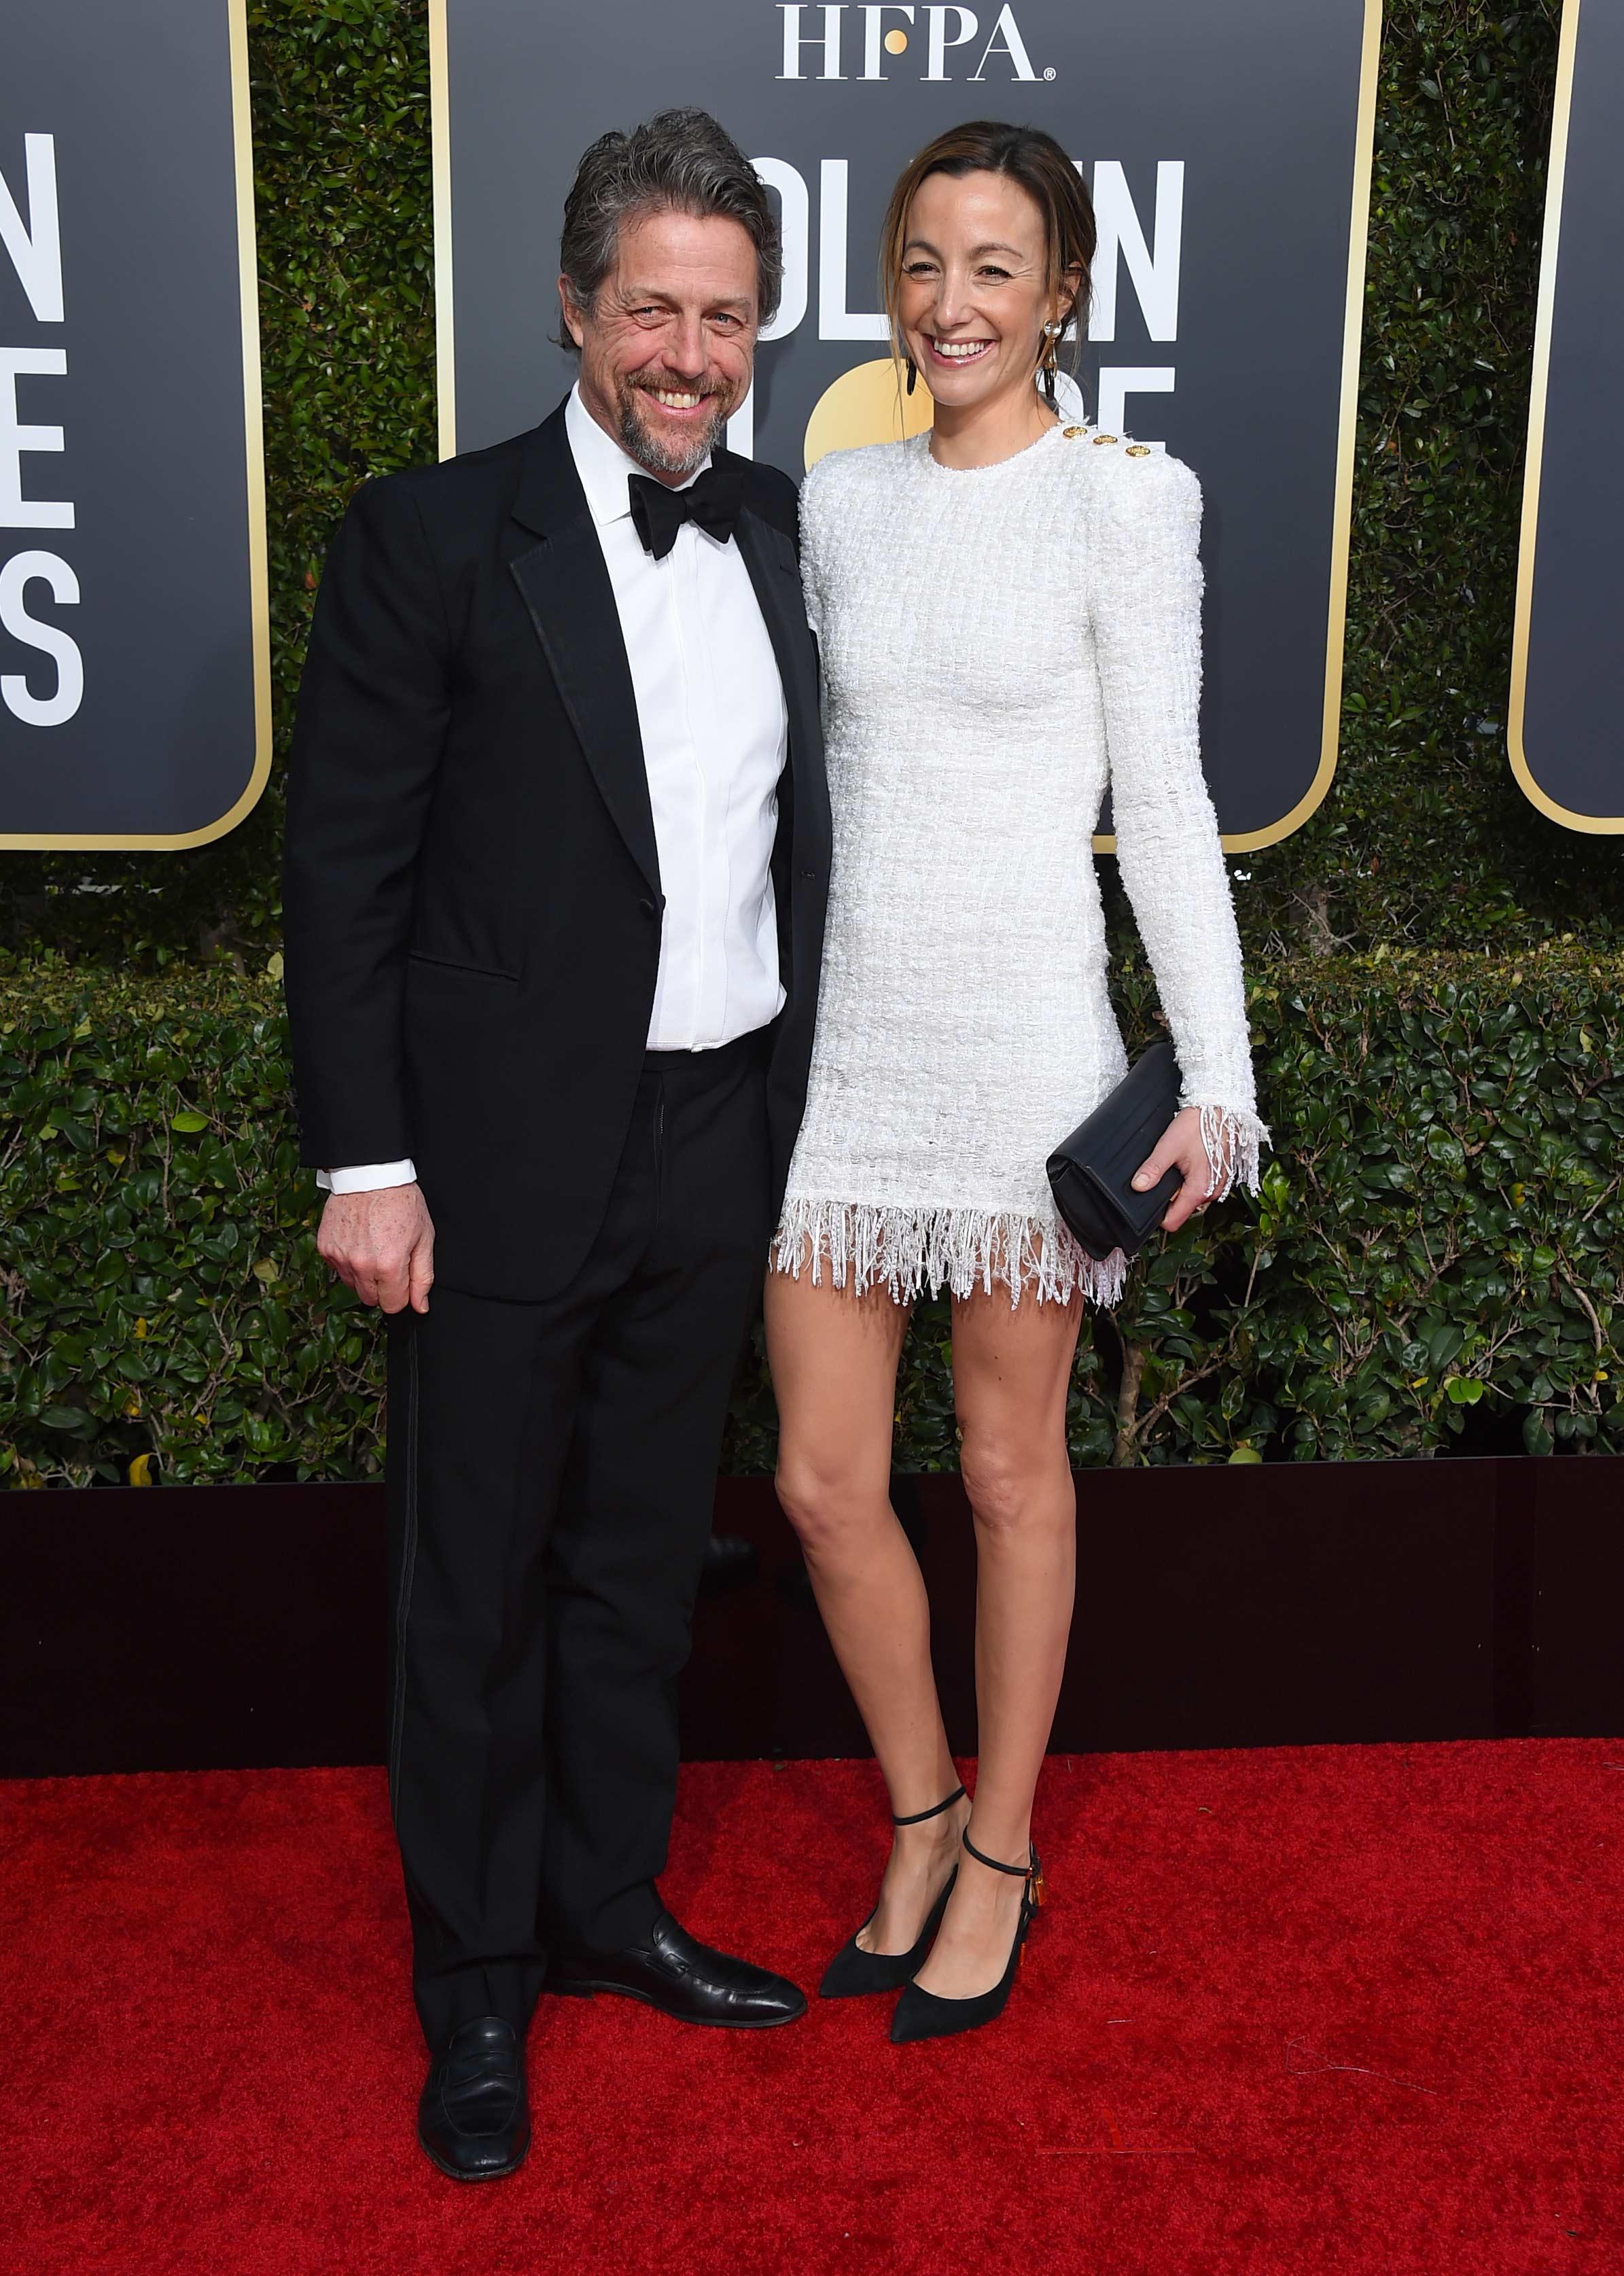 El actor británico Hugh Grant junto a su esposa, la actriz sueca Anna Eberstein, quien se robó las miradas con su mini-dress con flecos. (Foto: AP)